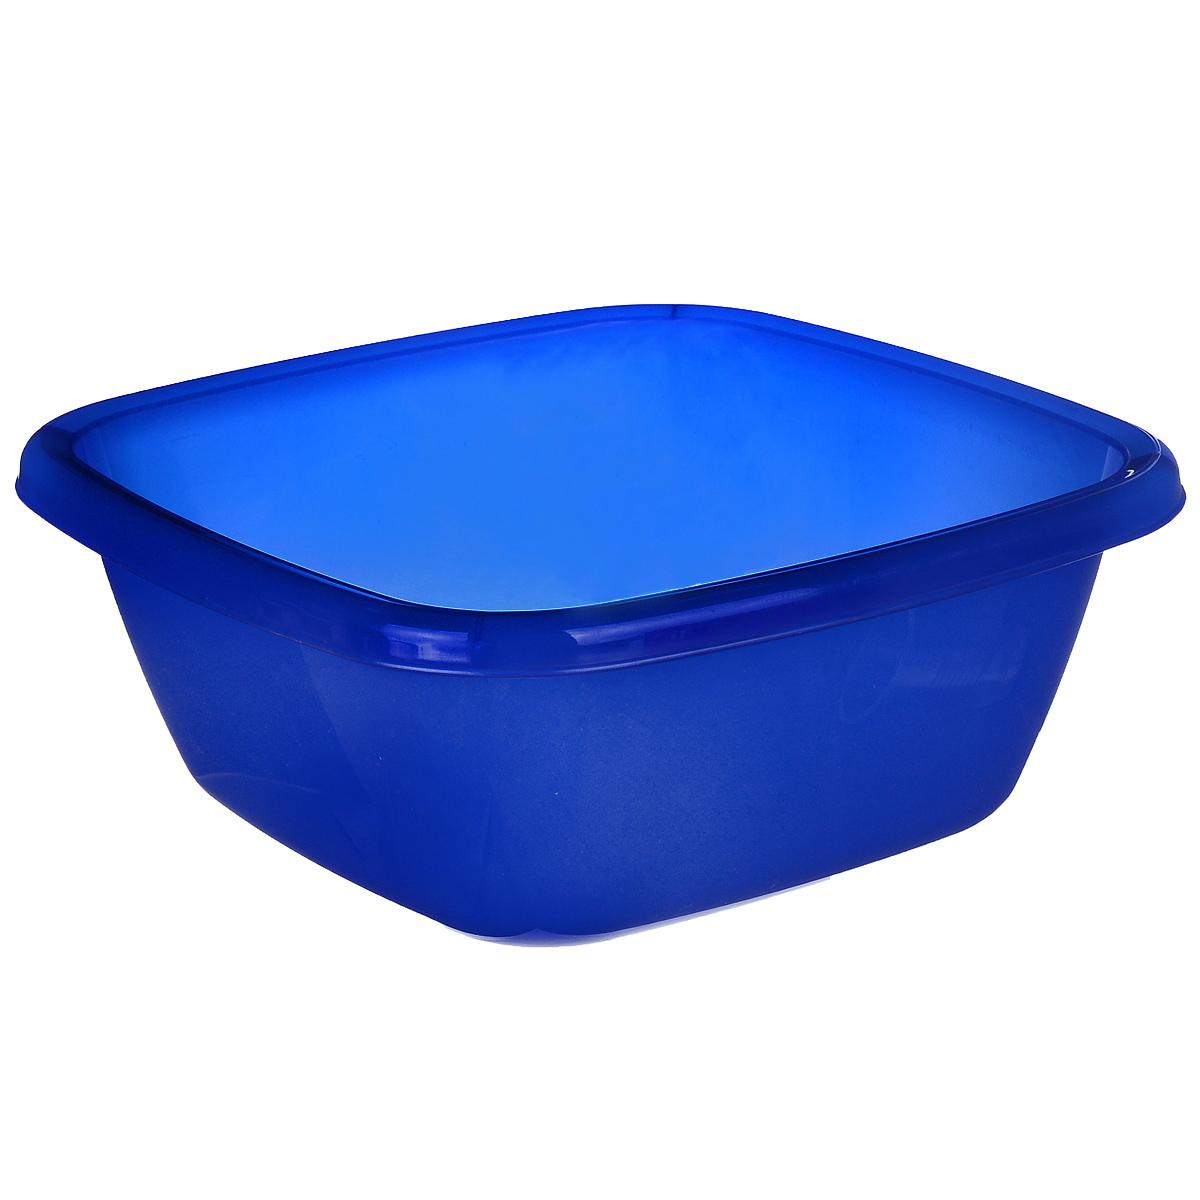 Таз Dunya Plastik, цвет: синий, 6 л. 1011710117 синийКвадратный таз Dunya Plastik выполнен из прочного пластика. Он предназначен для стирки и хранения разных вещей. По краю имеются углубления, которые обеспечивают удобный захват. Такой таз пригодится в любом хозяйстве.